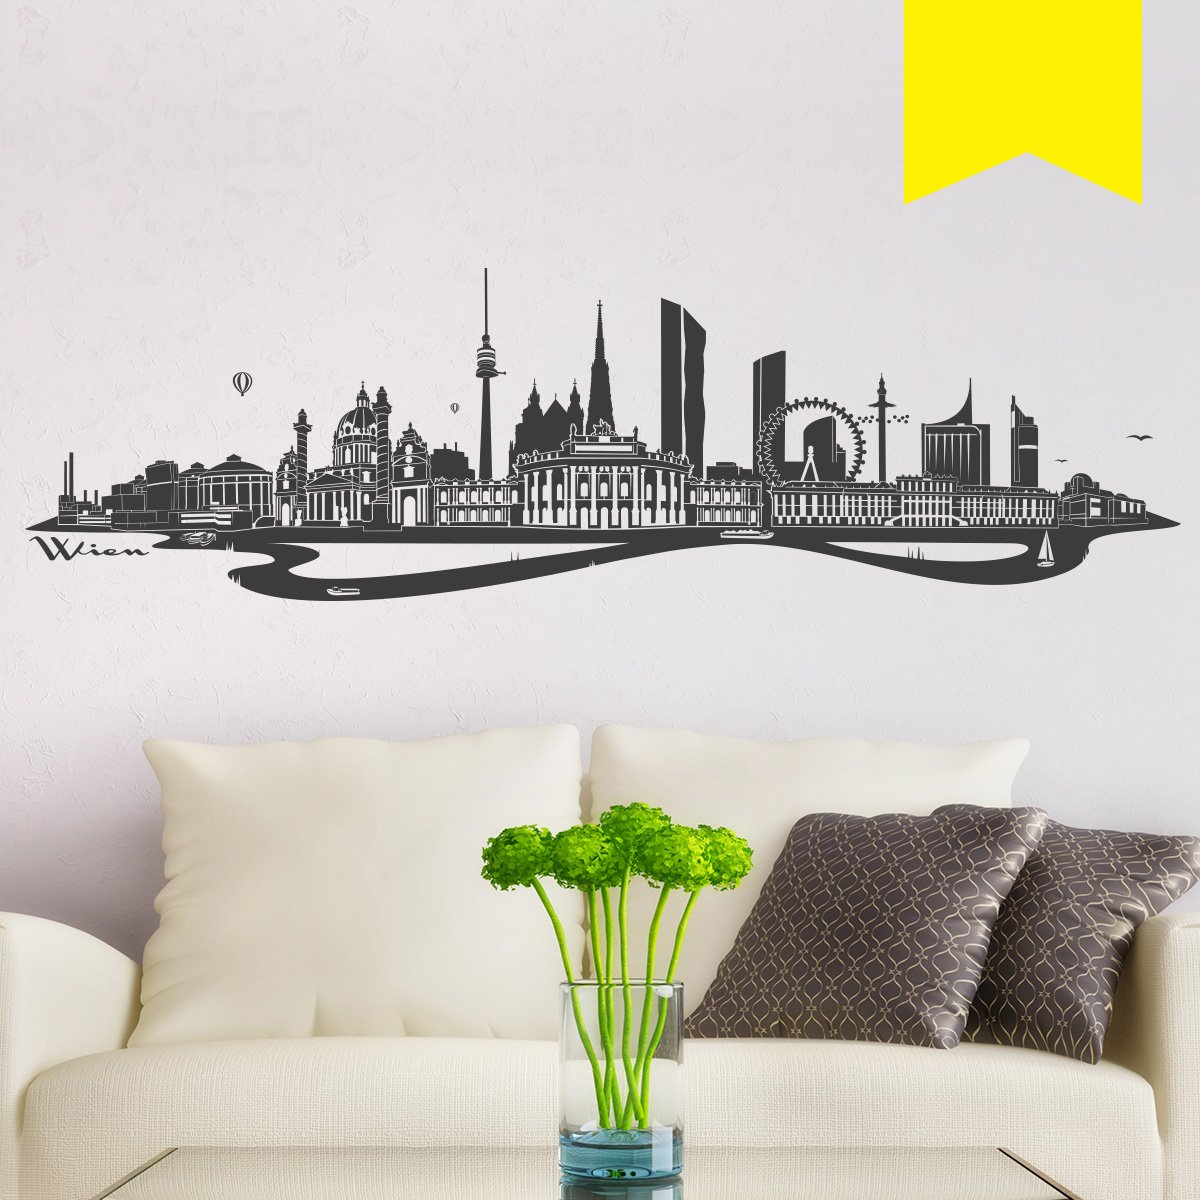 WANDKINGS WANDKINGS WANDKINGS Wandtattoo - Skyline Wien (mit Fluss) - 300 x 86 cm - Mittelgrau - Wähle aus 6 Größen & 35 Farben B078SGJK5C Wandtattoos & Wandbilder b1605f